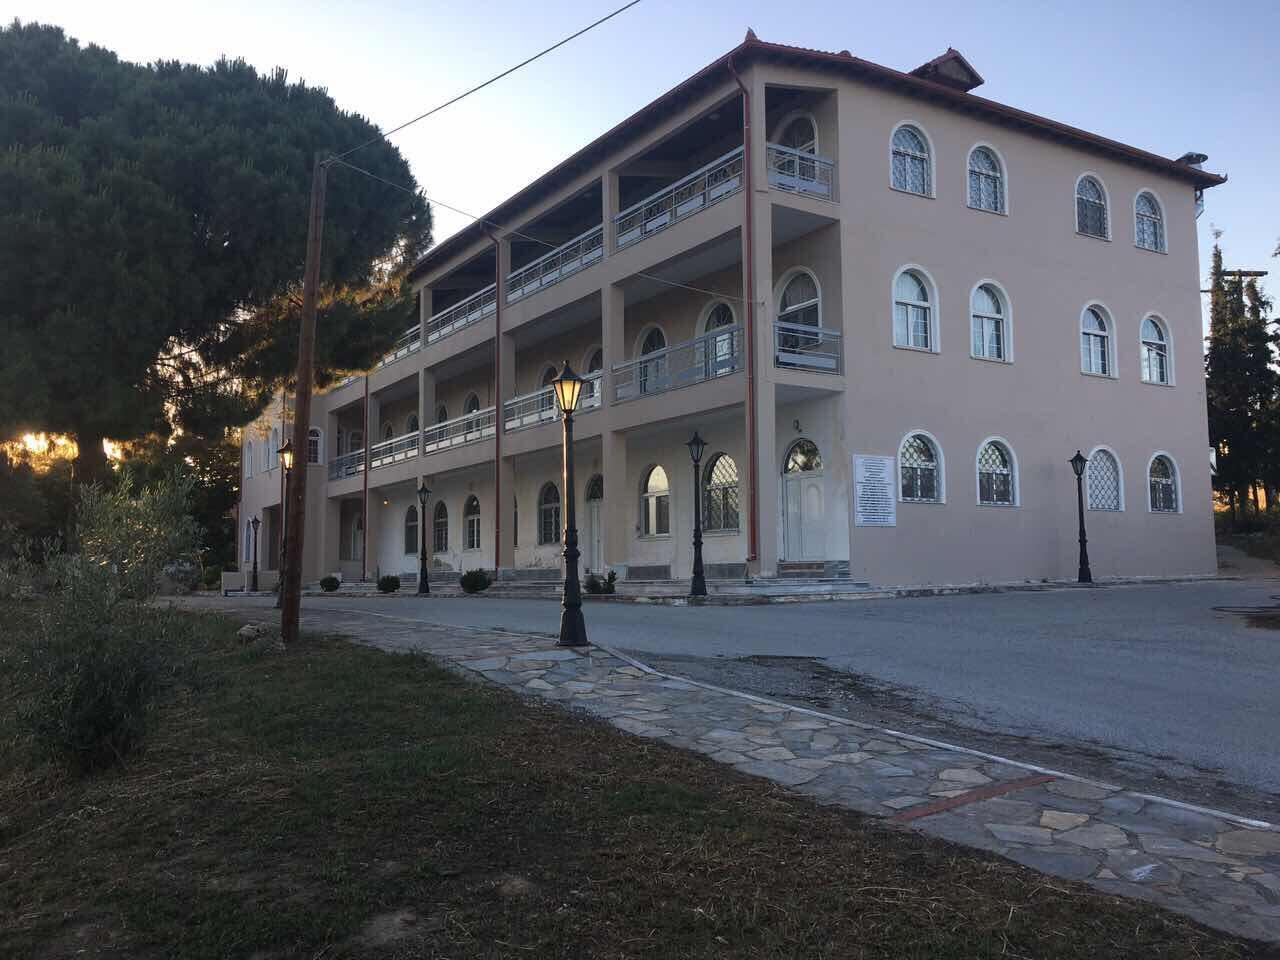 Εκκλησιαστικός Ξενώνας Σβορώνο